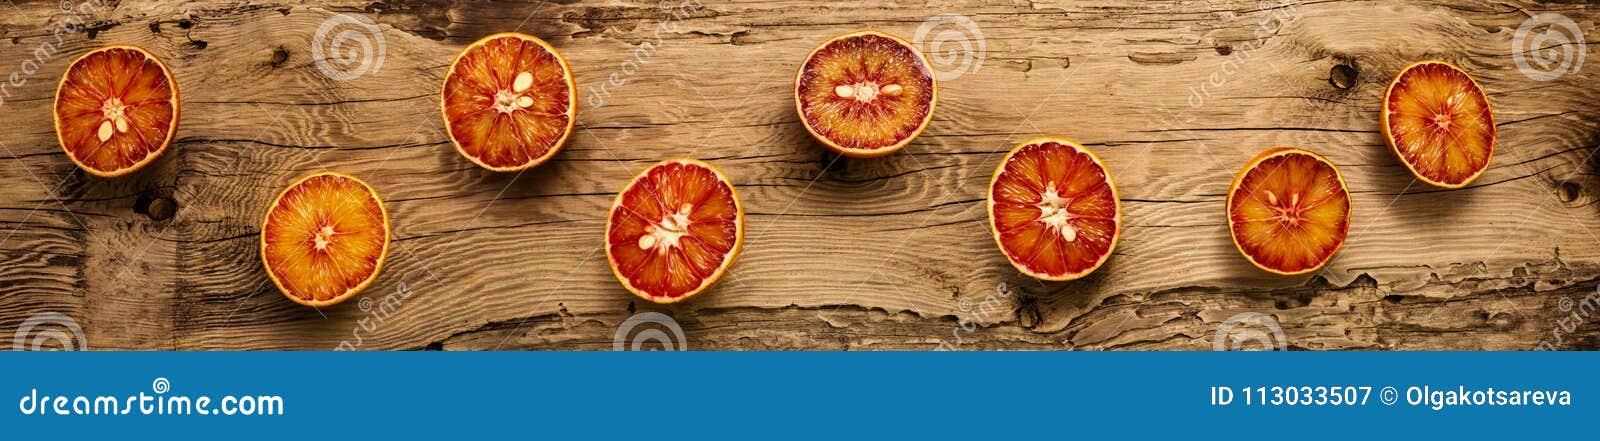 Rebanadas de la naranja de sangre en un fondo de madera del vintage, formato panorámico, visión superior